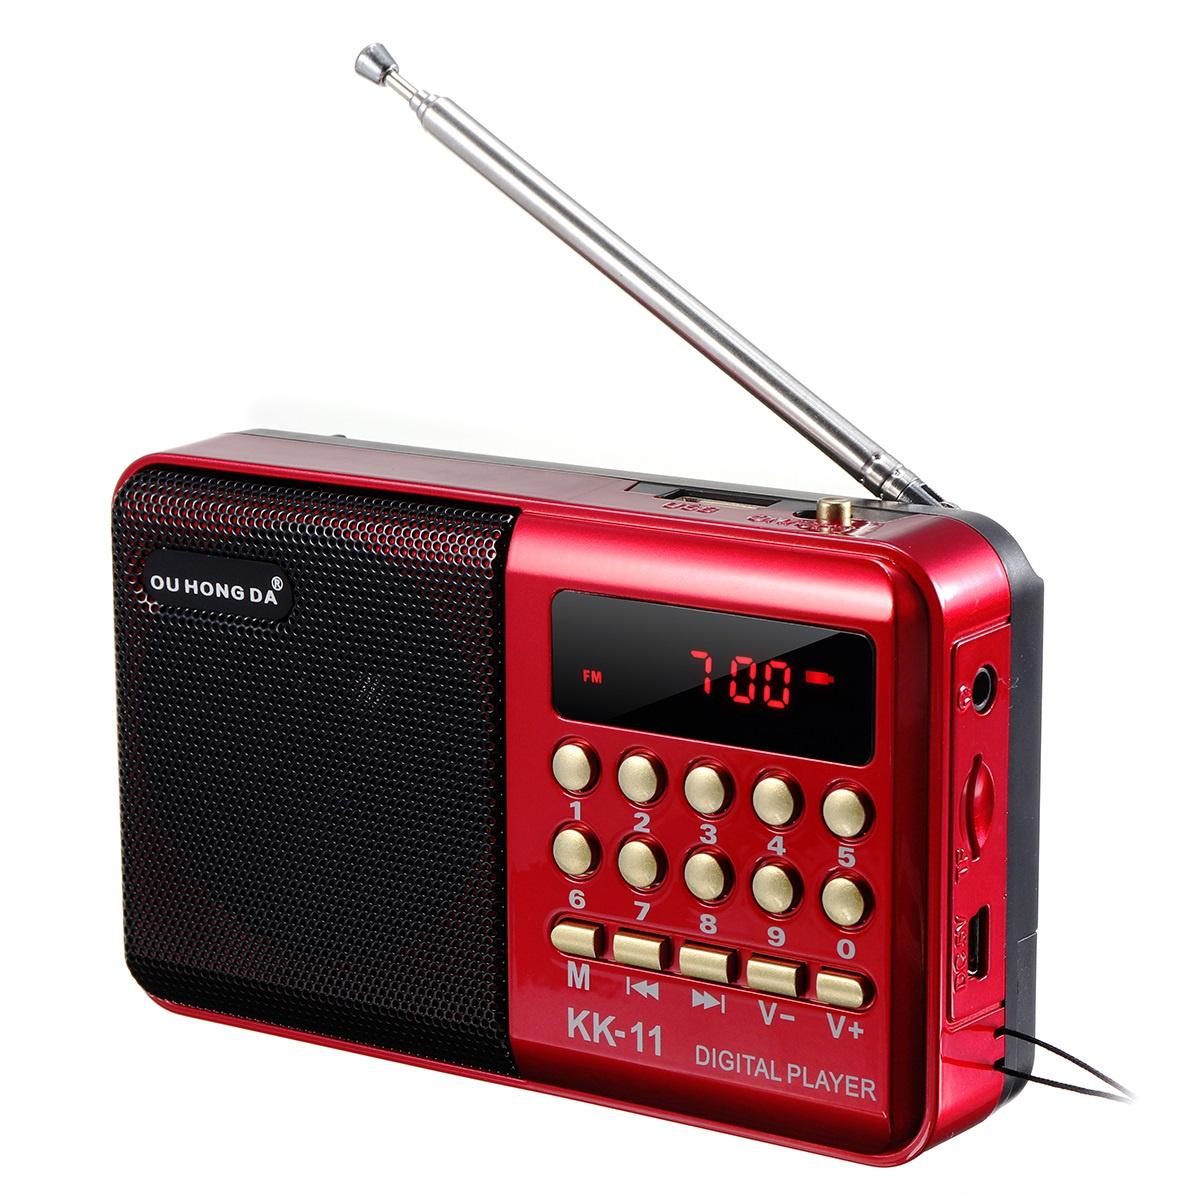 Мини портативный радиоприемник ЖК-Цифровой FM USB TF MP3-плеер Динамик Аккумуляторная